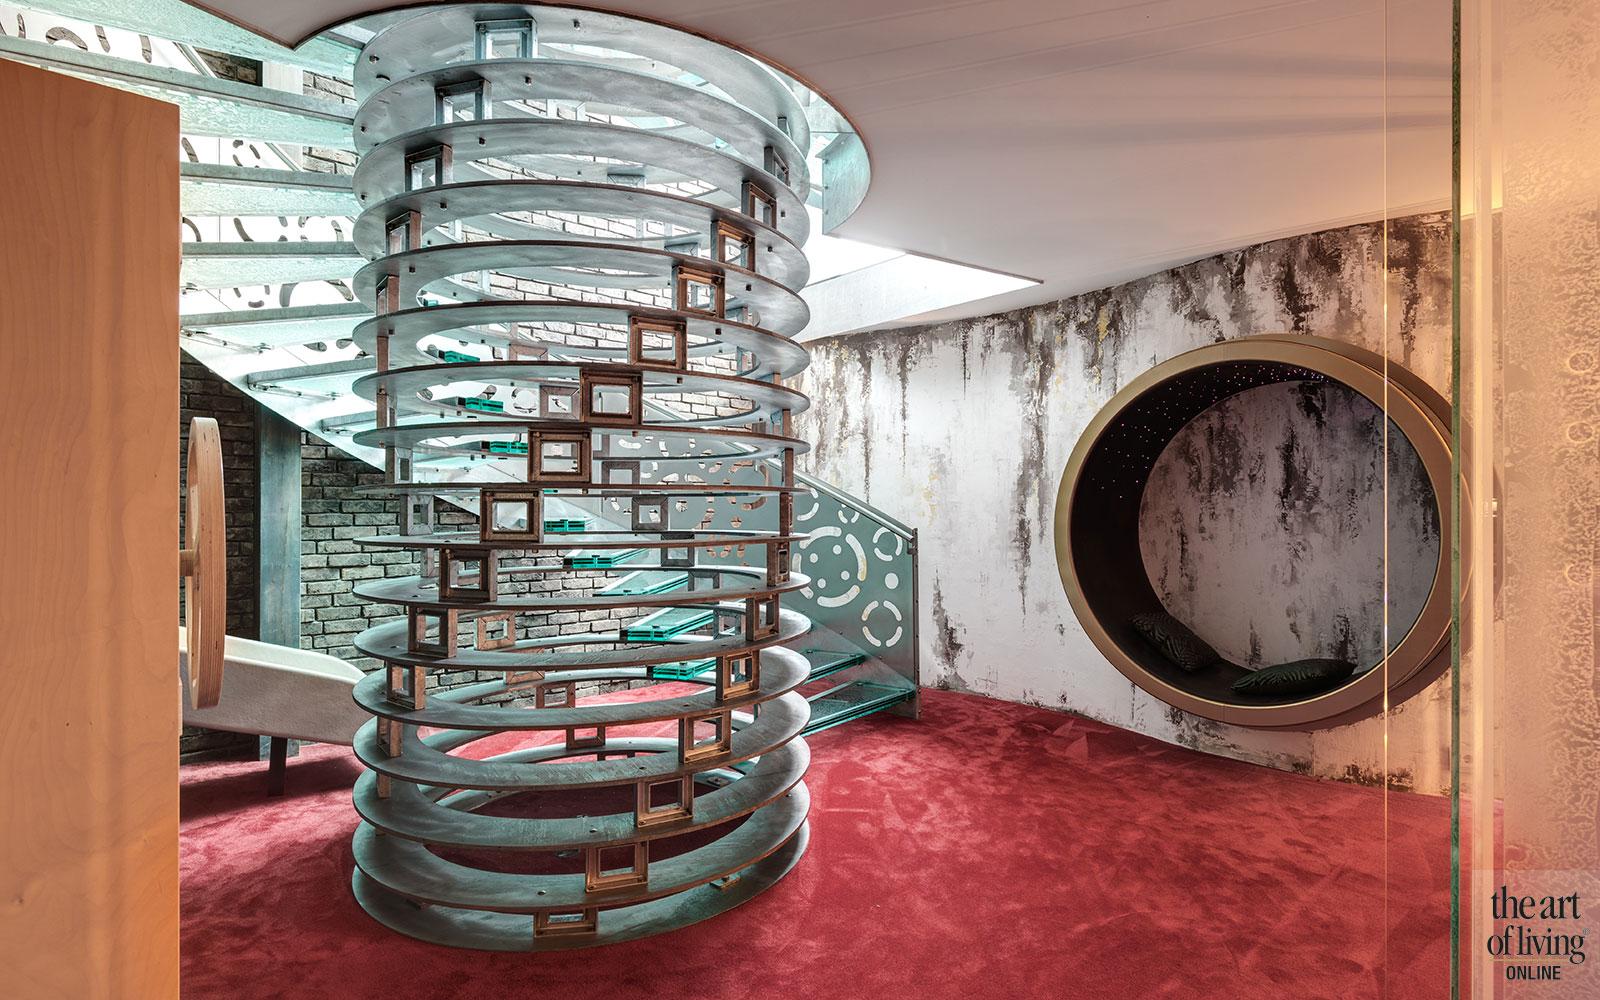 bijzondere trappen | Boley, the art of living